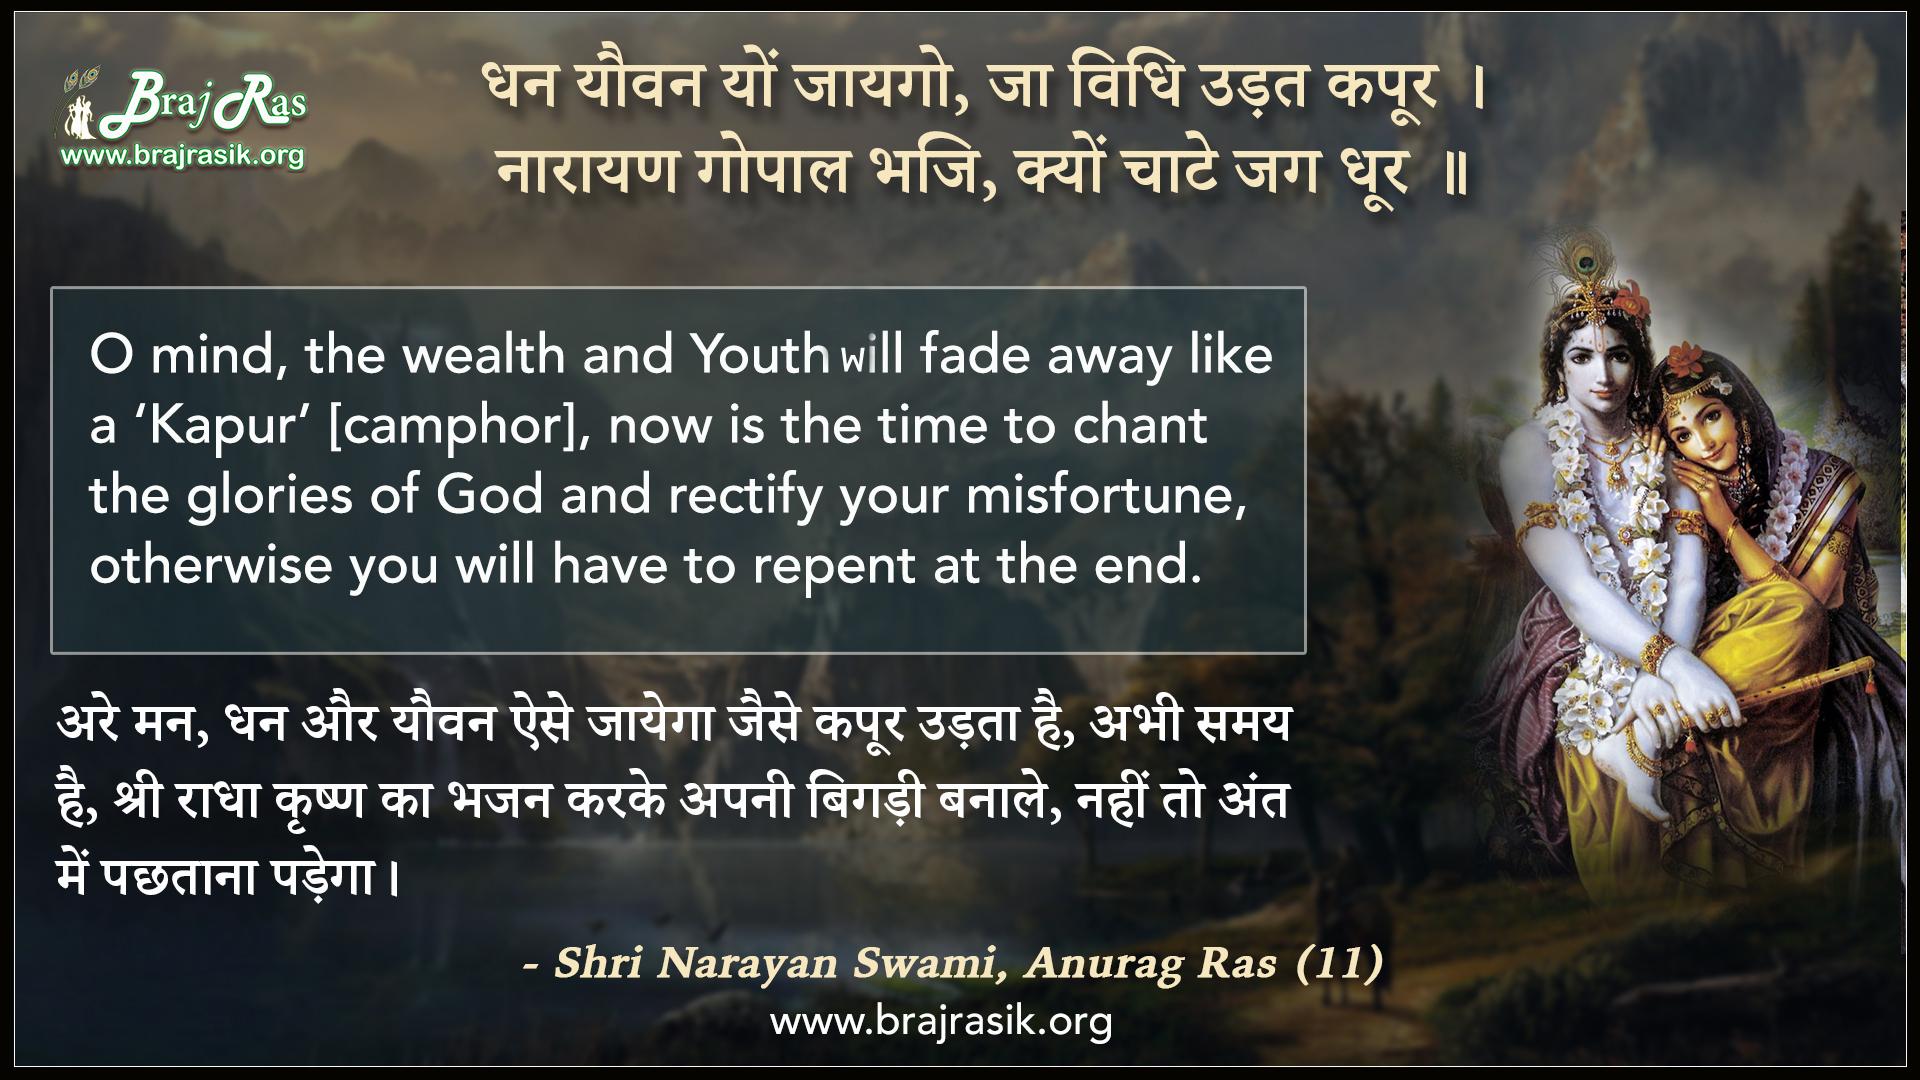 Dhan Yovan Yon Yajego, Ja Vidhi Udat Kapoor - Shri Narayan Swami, Anurag Ras (11)